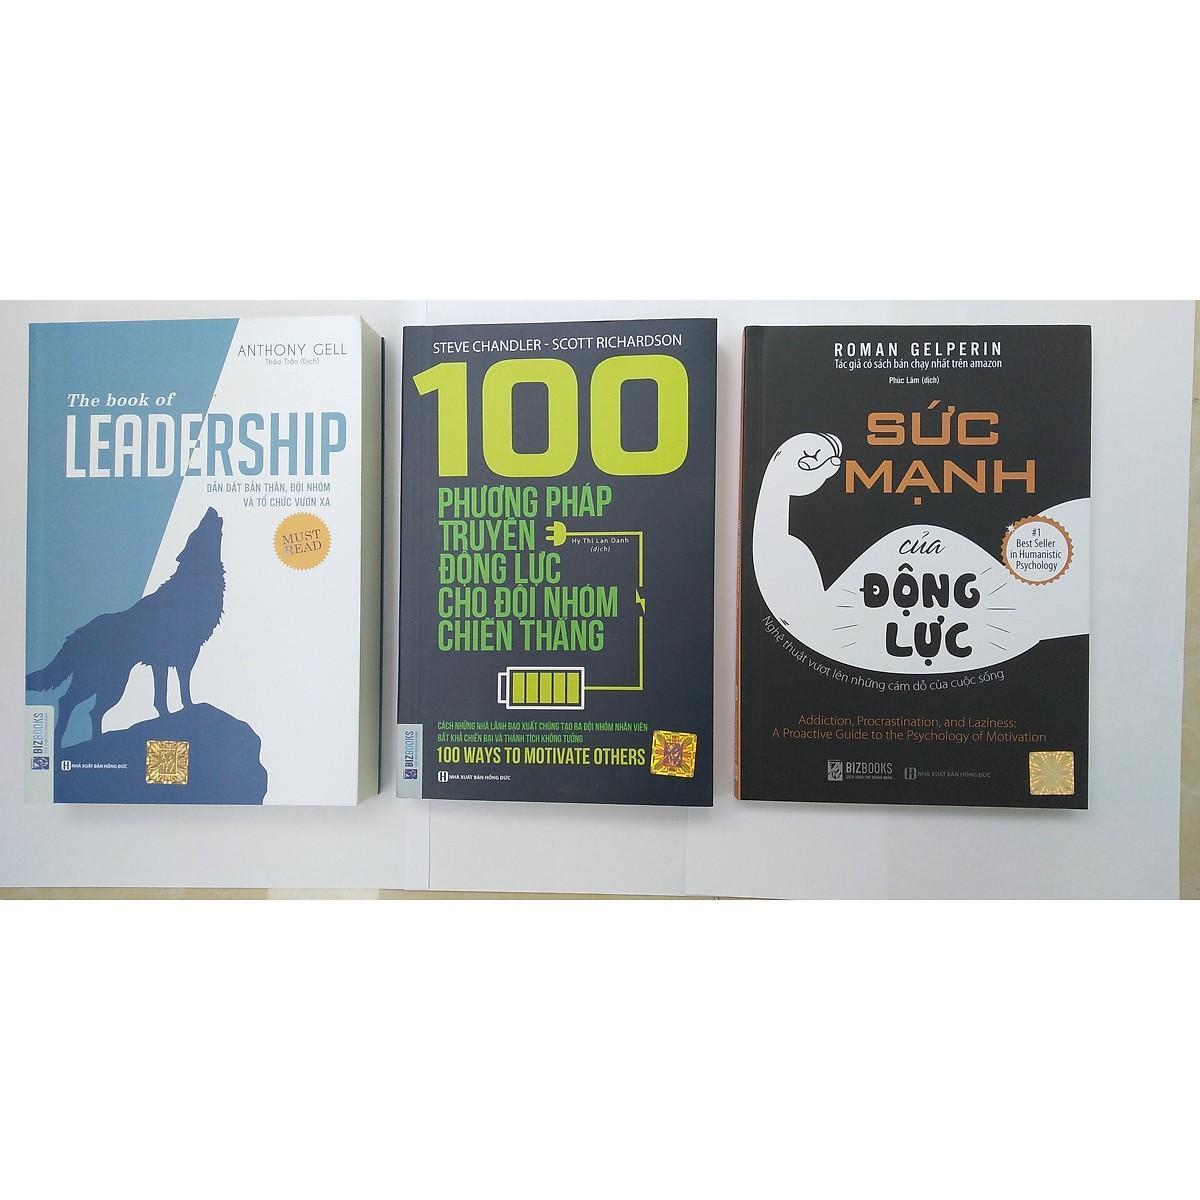 Mua combo 3 cuốn sách: +leadership dẫn dắt bản thân,đội nhóm và tổ chức vươn xa + 100 phương pháp truyền động lực cho đội nhóm chiến thắng + Sức mạnh của động lực tặng bookmark kim loại